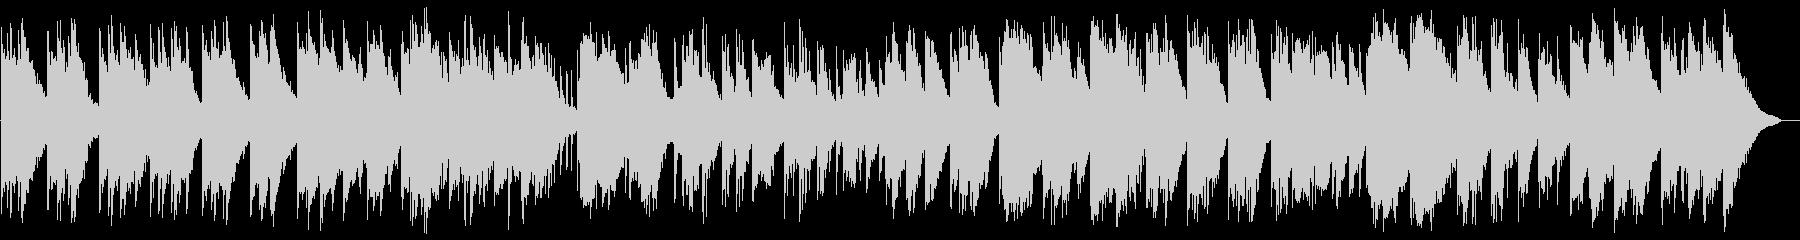 しっとりとして美しく幽玄なピアノバラードの未再生の波形